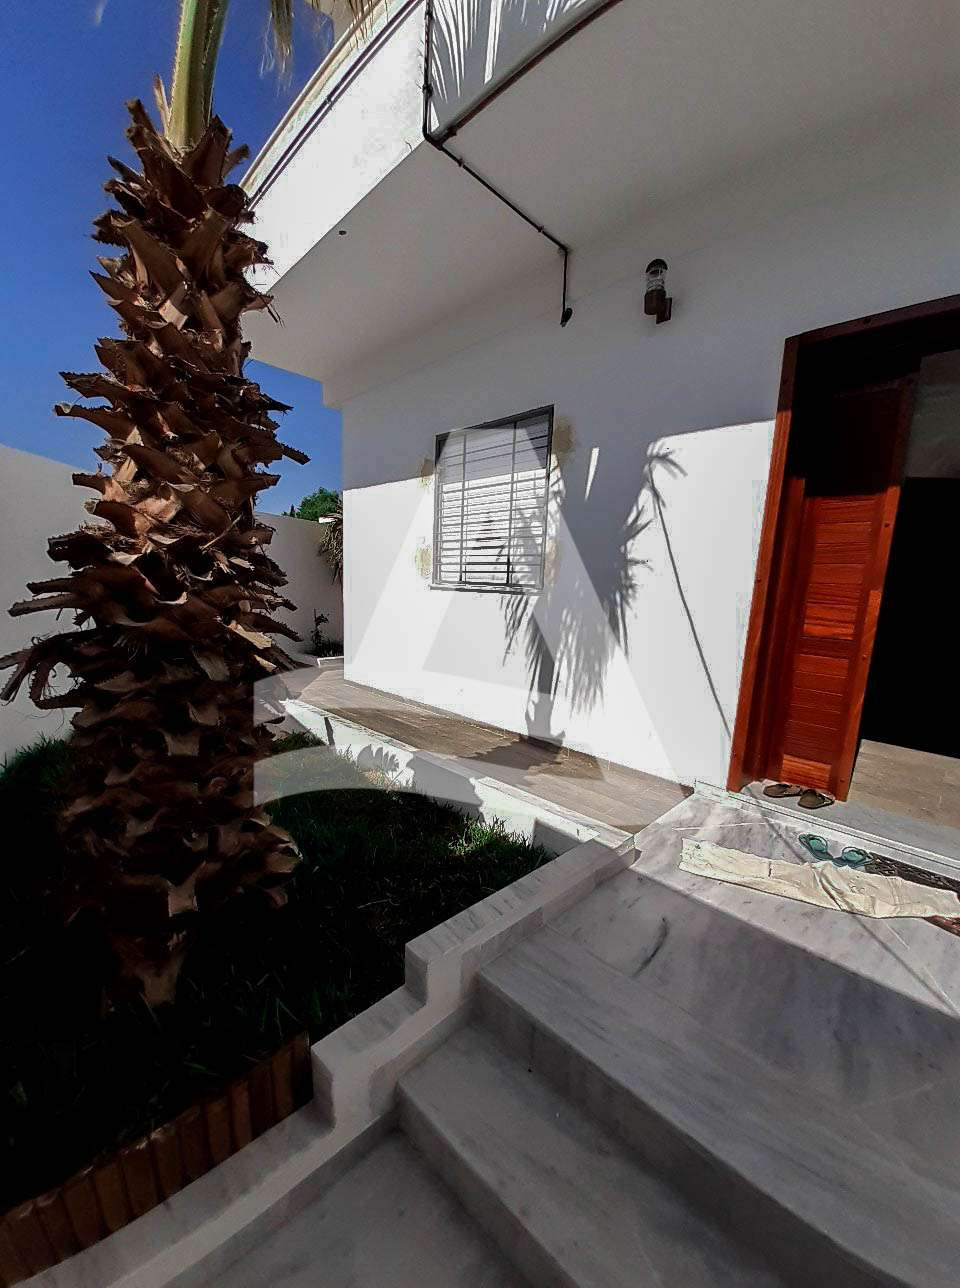 httpss3.amazonaws.comlogimoaws5022434981601644440Appartement_Gammarth_Tunisie_-13